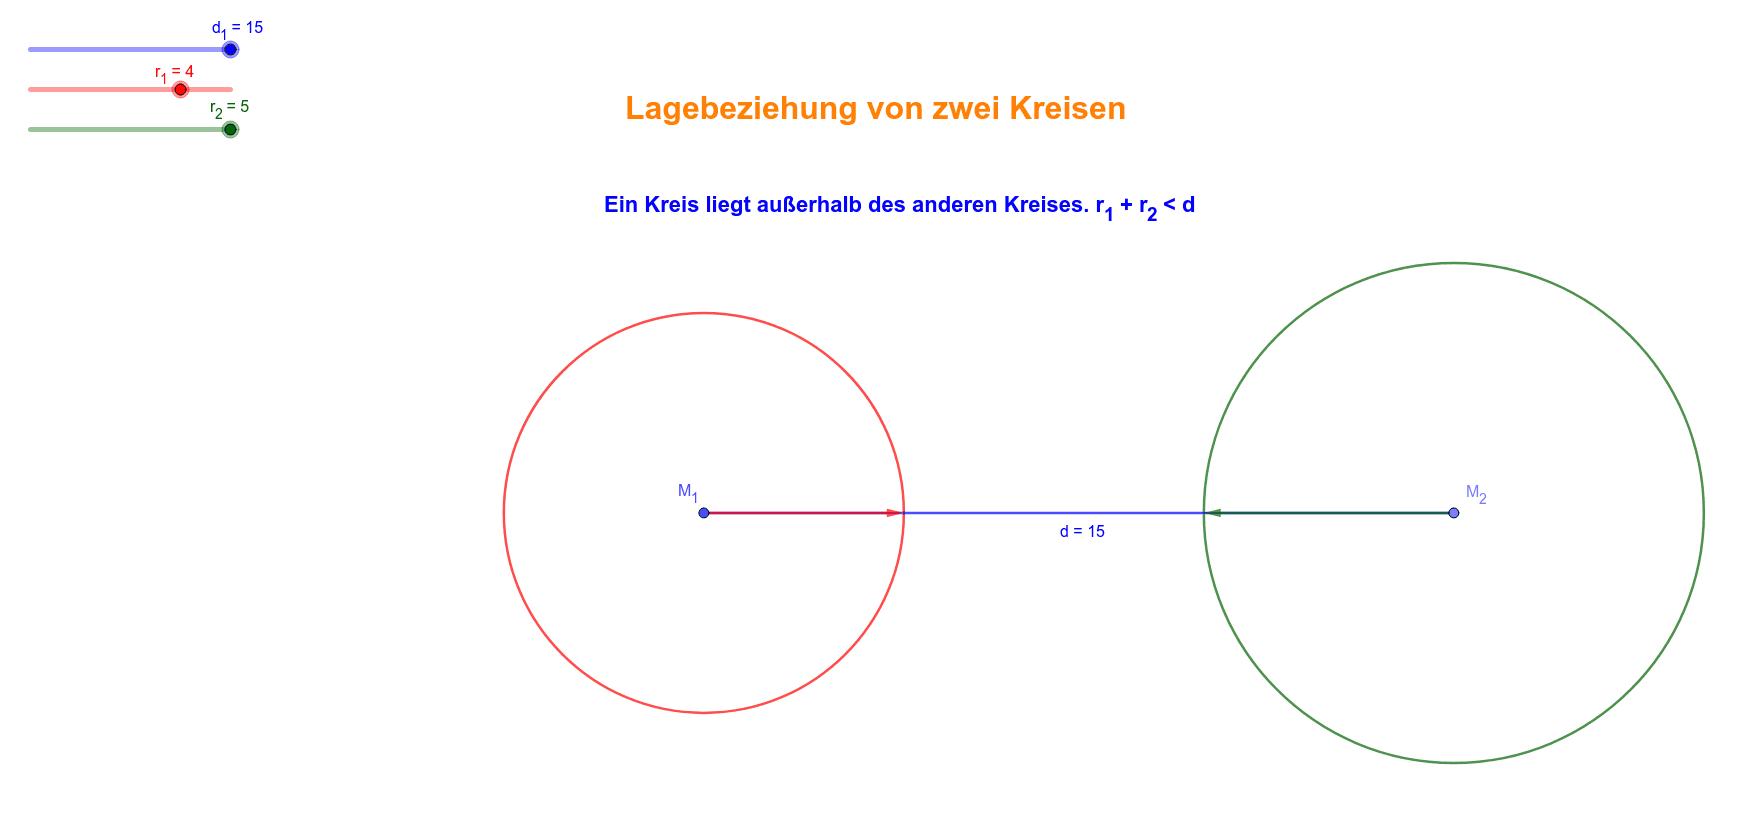 Experimentiere selbstständig mit den Schiebereglern für die zwei Radien der Kreise und den Abstand d zwischen deren Mittelpunkten! Drücke die Eingabetaste um die Aktivität zu starten